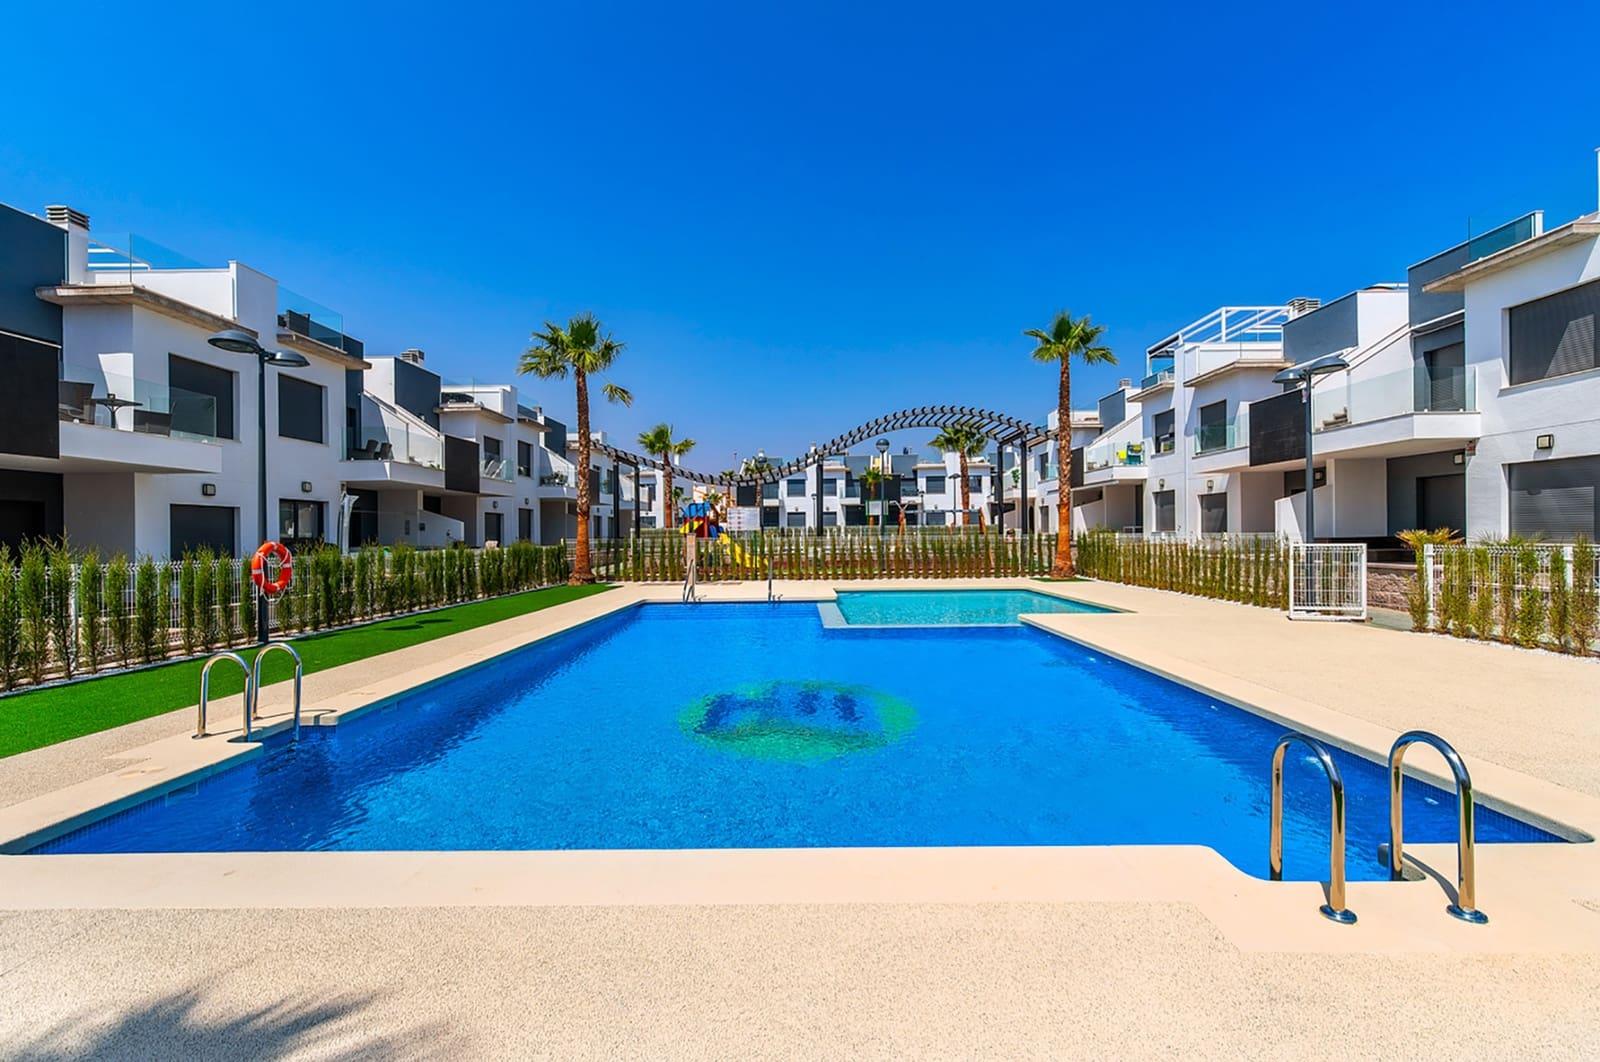 Apartamento de 2 habitaciones en Pilar de la Horadada en venta con piscina - 159.000 € (Ref: 4893717)